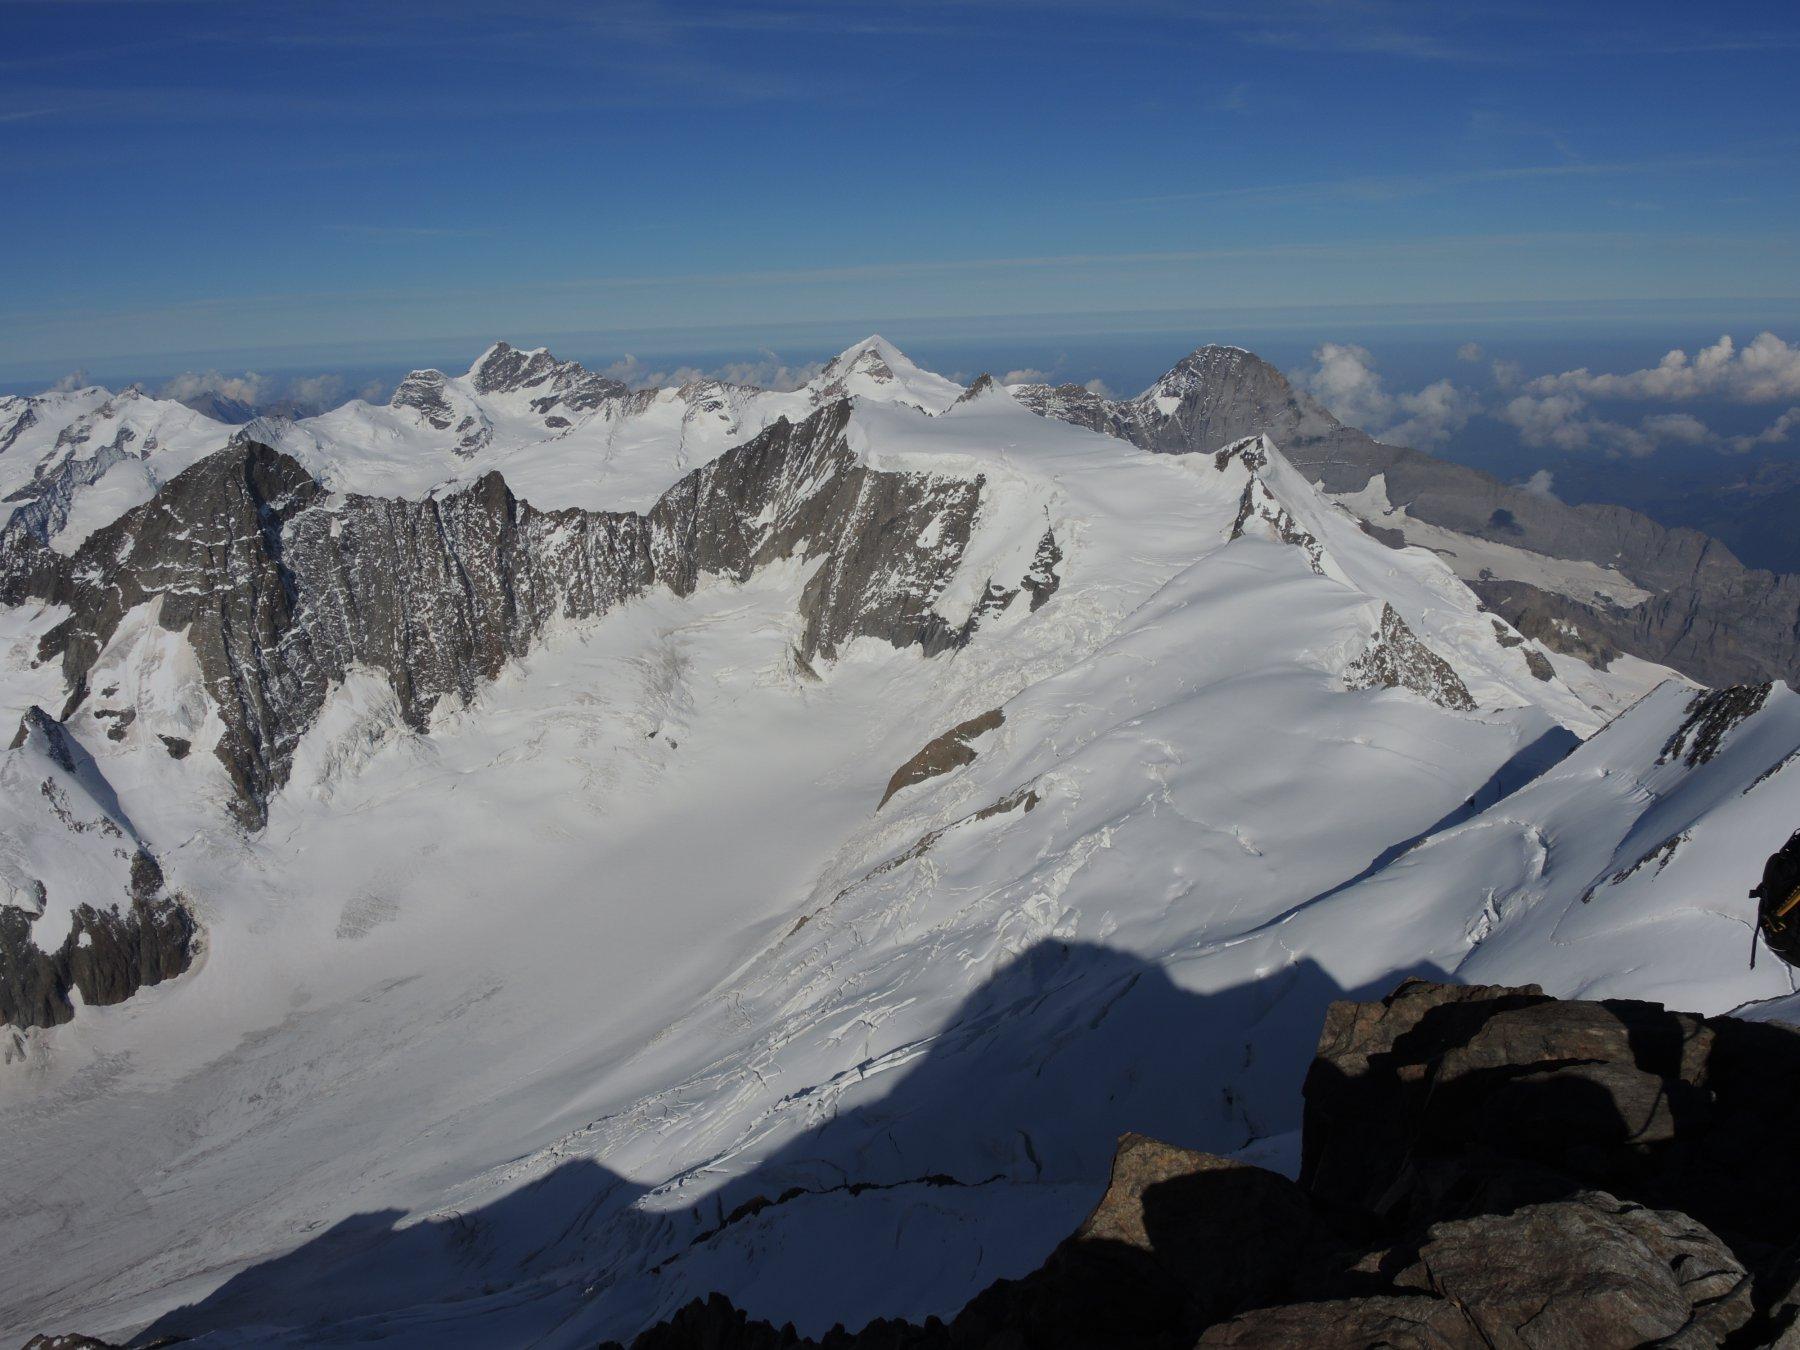 Jungfrau, Monch, Eiger